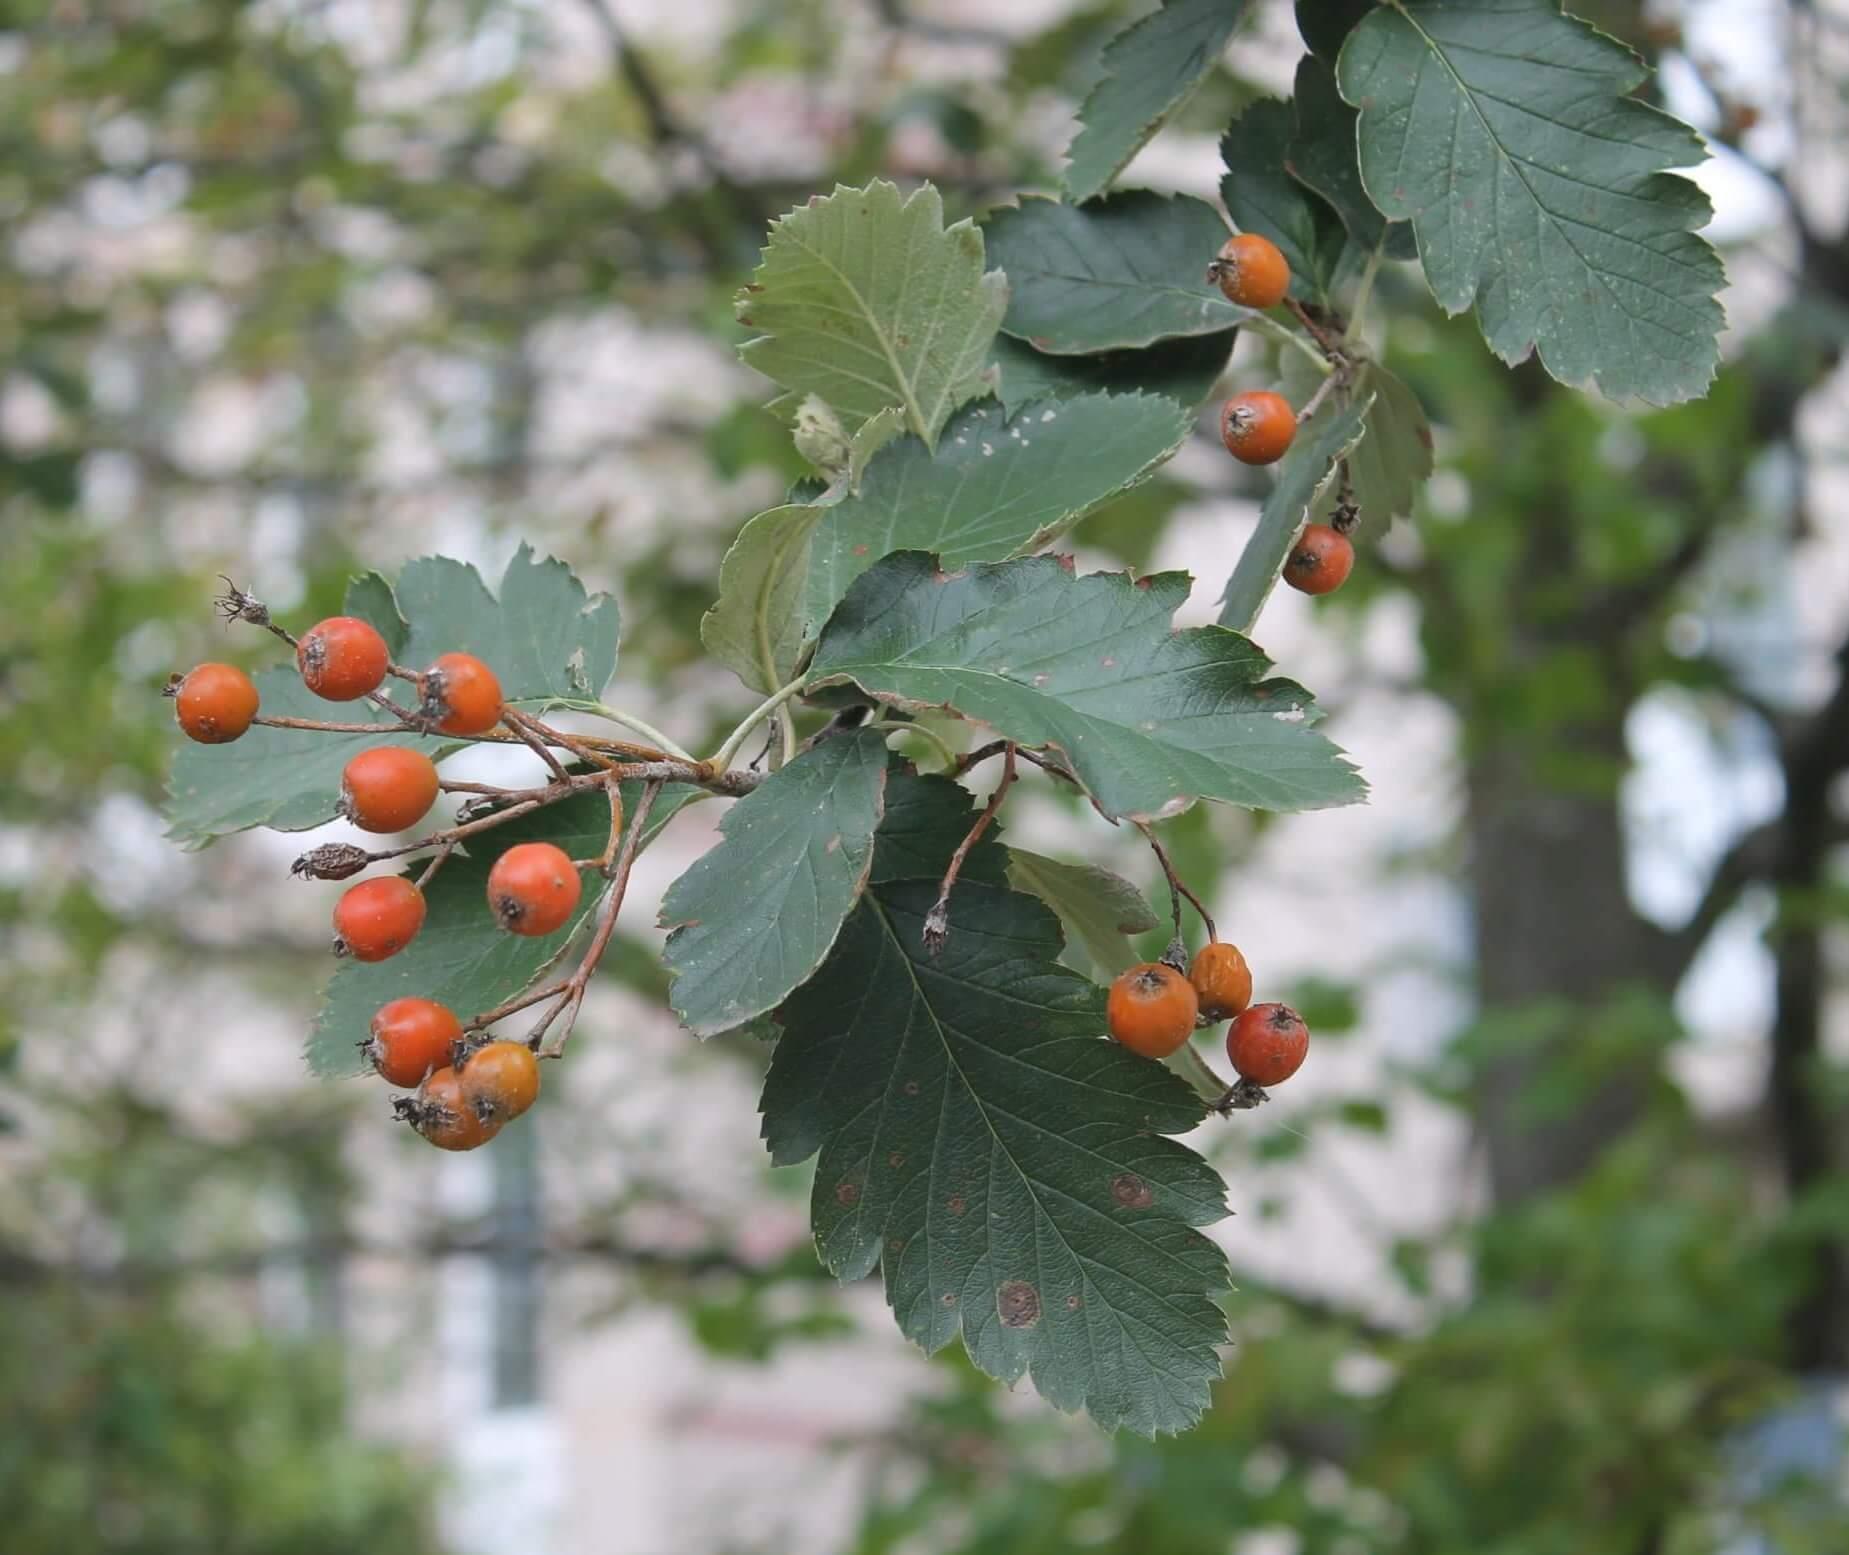 Das Bild zeigt die kleinen, rot-orange gefärbten Apfelfrüchte an einer Schwedischen Mehlbeere im Kosmosviertel. Die Aufnahme entstand im September.